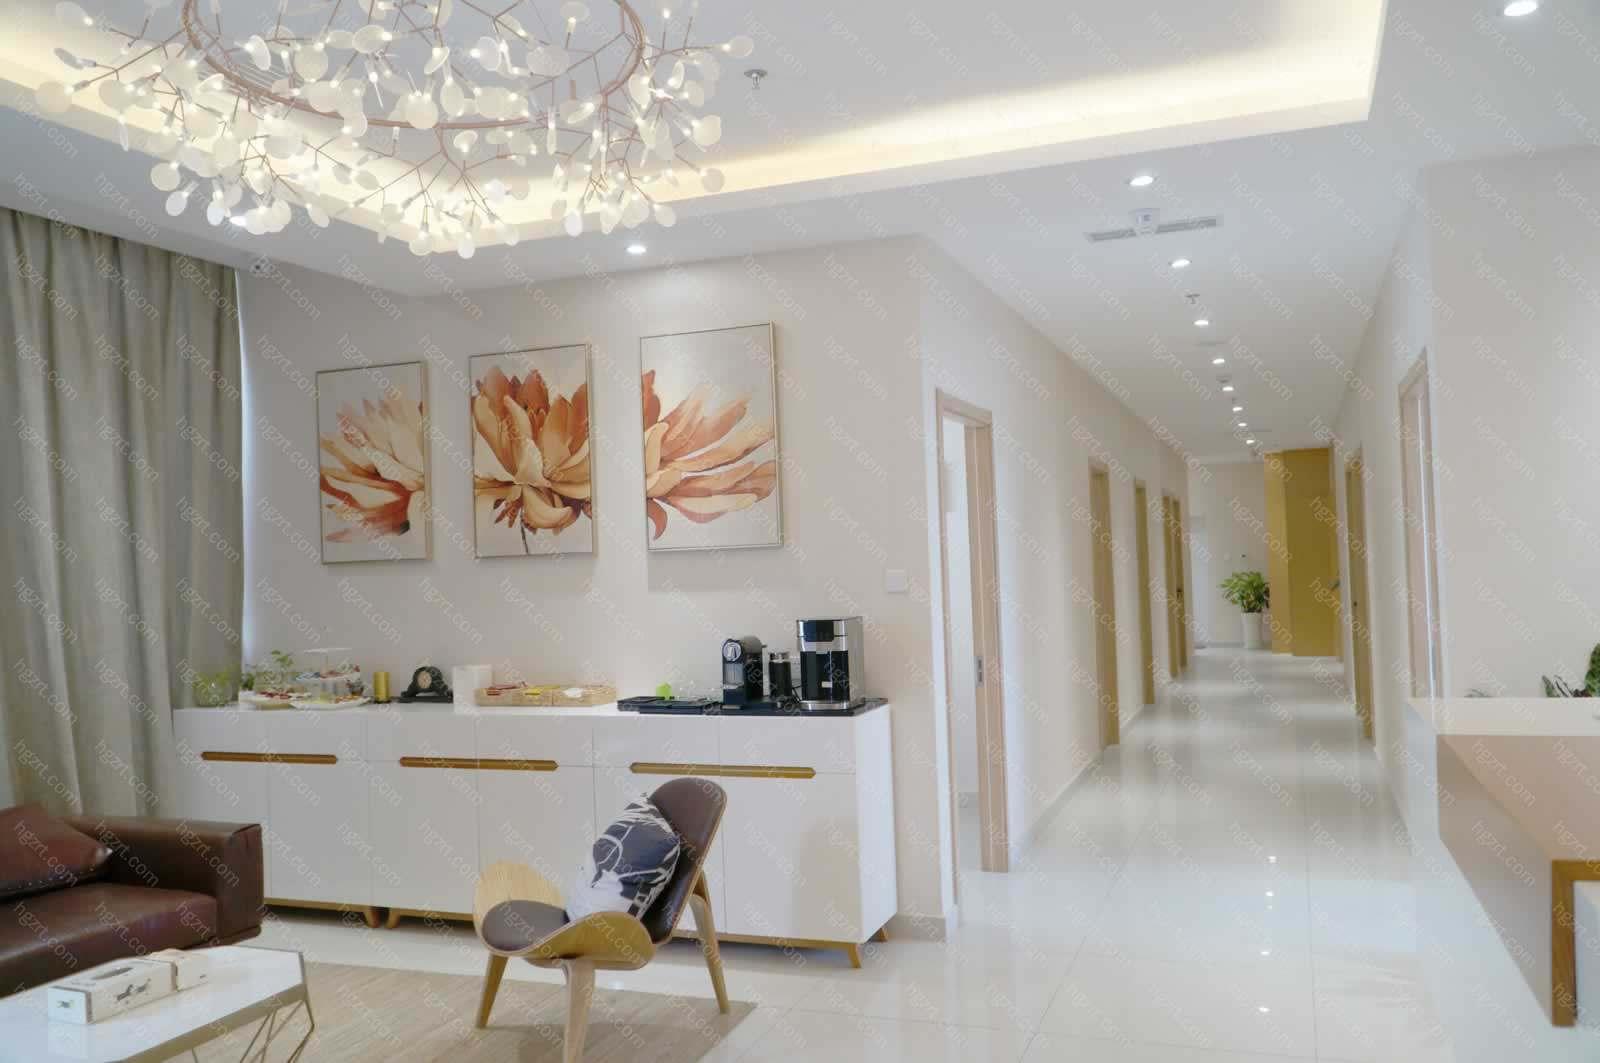 位于中国·北京西四环WEHOUSE、诸子阶高端生态别墅区